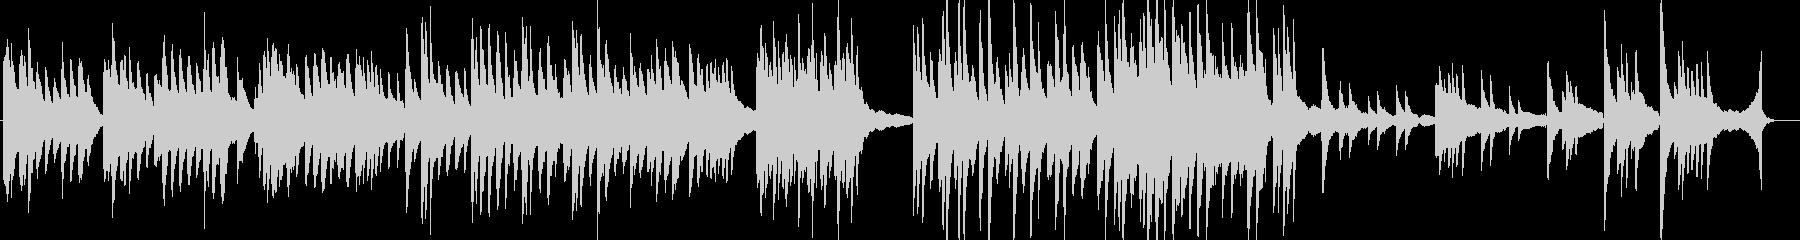 人間のどろっとした感情を表現する暗い曲の未再生の波形